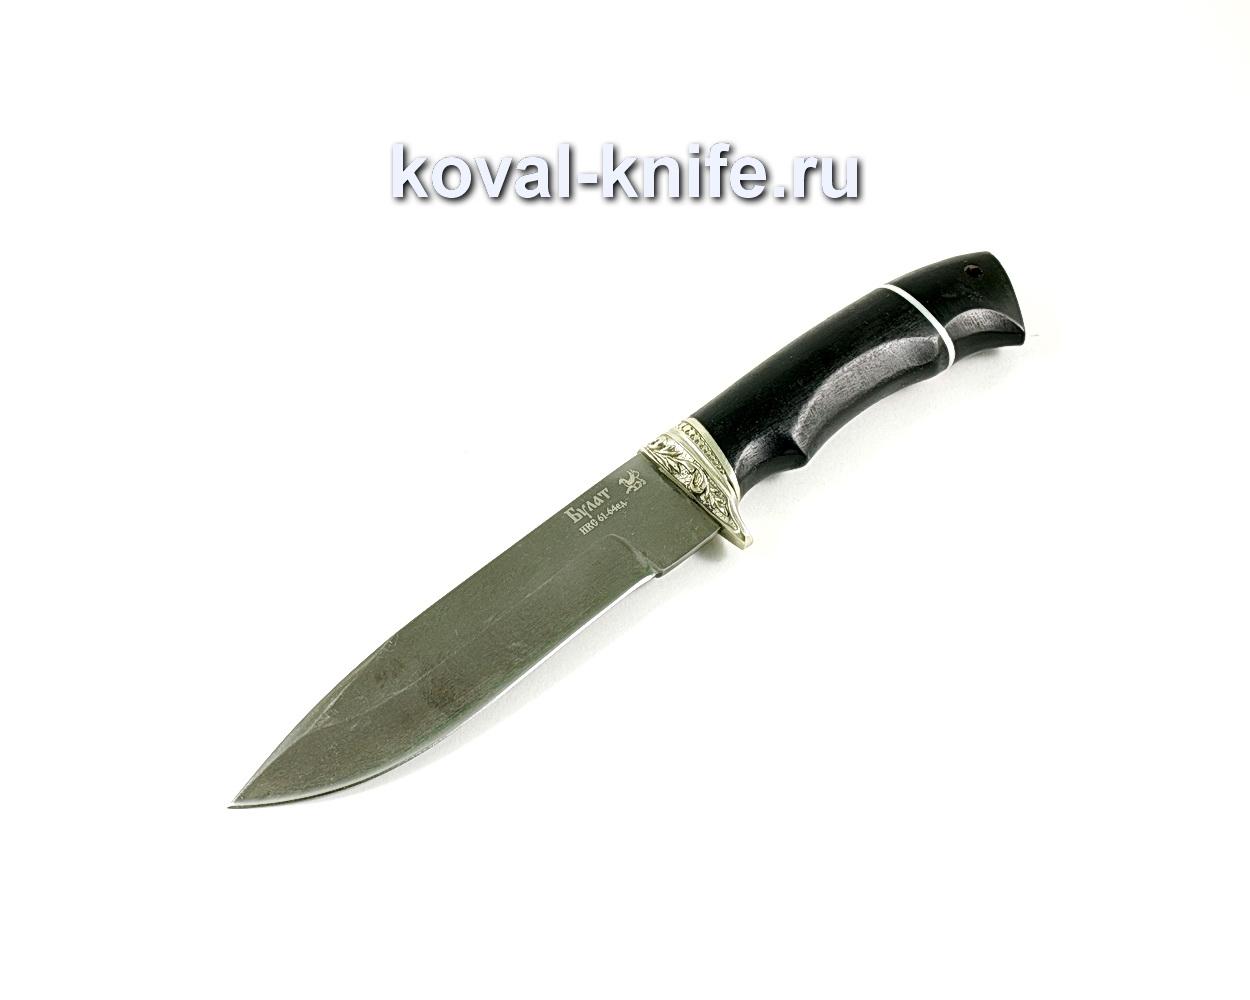 Нож Олимп (сталь Булат), рукоять граб, литье A201